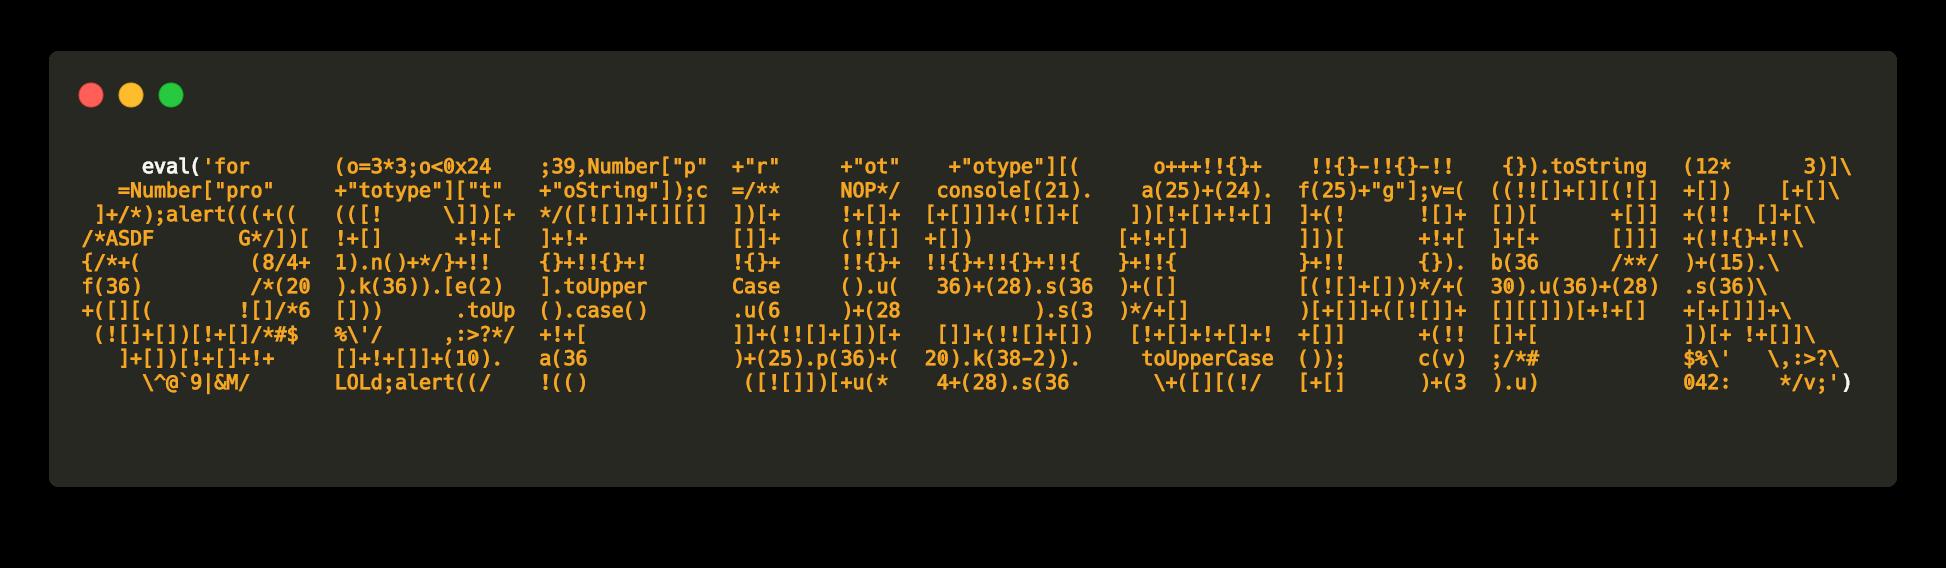 GitHub - ClaudiuGeorgiu/Obfuscapk: A black-box obfuscation